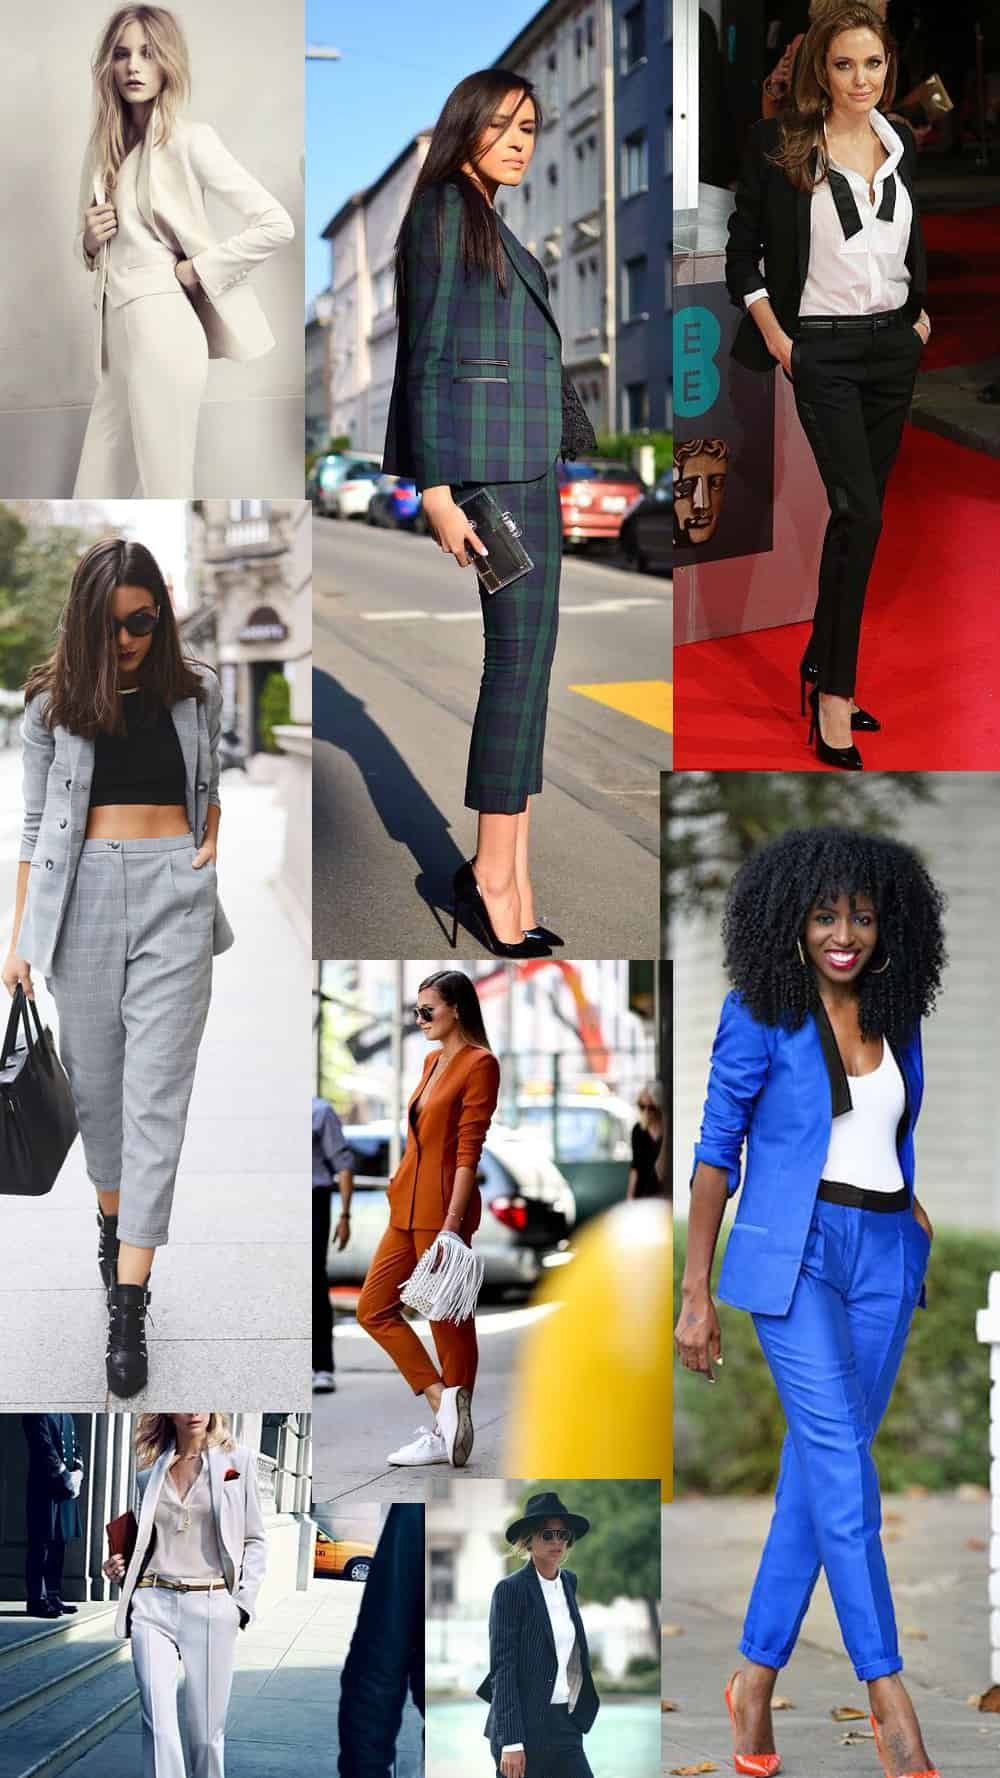 women-suits-trend